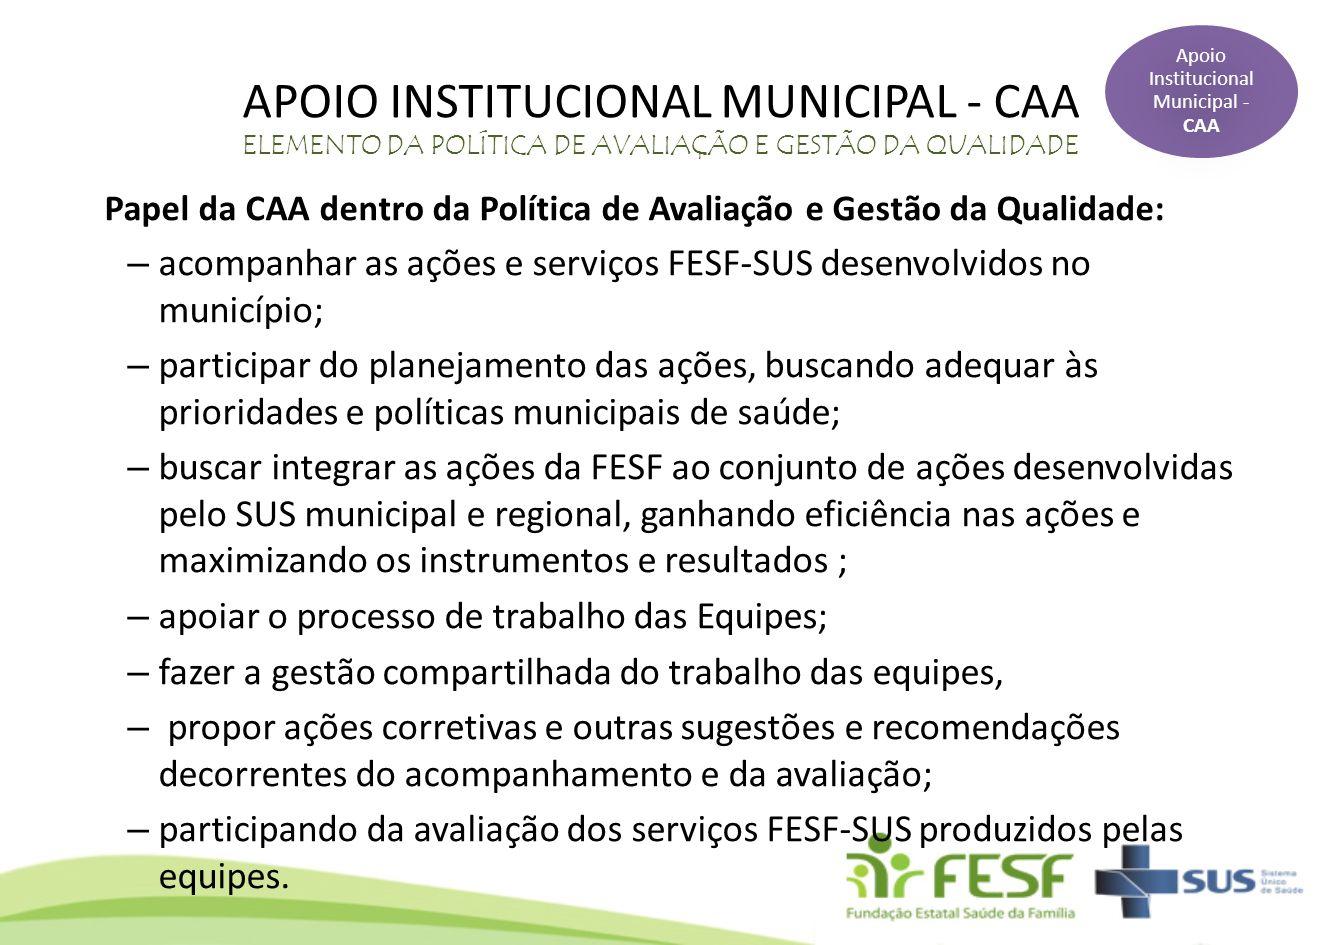 APOIO INSTITUCIONAL MUNICIPAL - CAA ELEMENTO DA POLÍTICA DE AVALIAÇÃO E GESTÃO DA QUALIDADE Papel da CAA dentro da Política de Avaliação e Gestão da Q